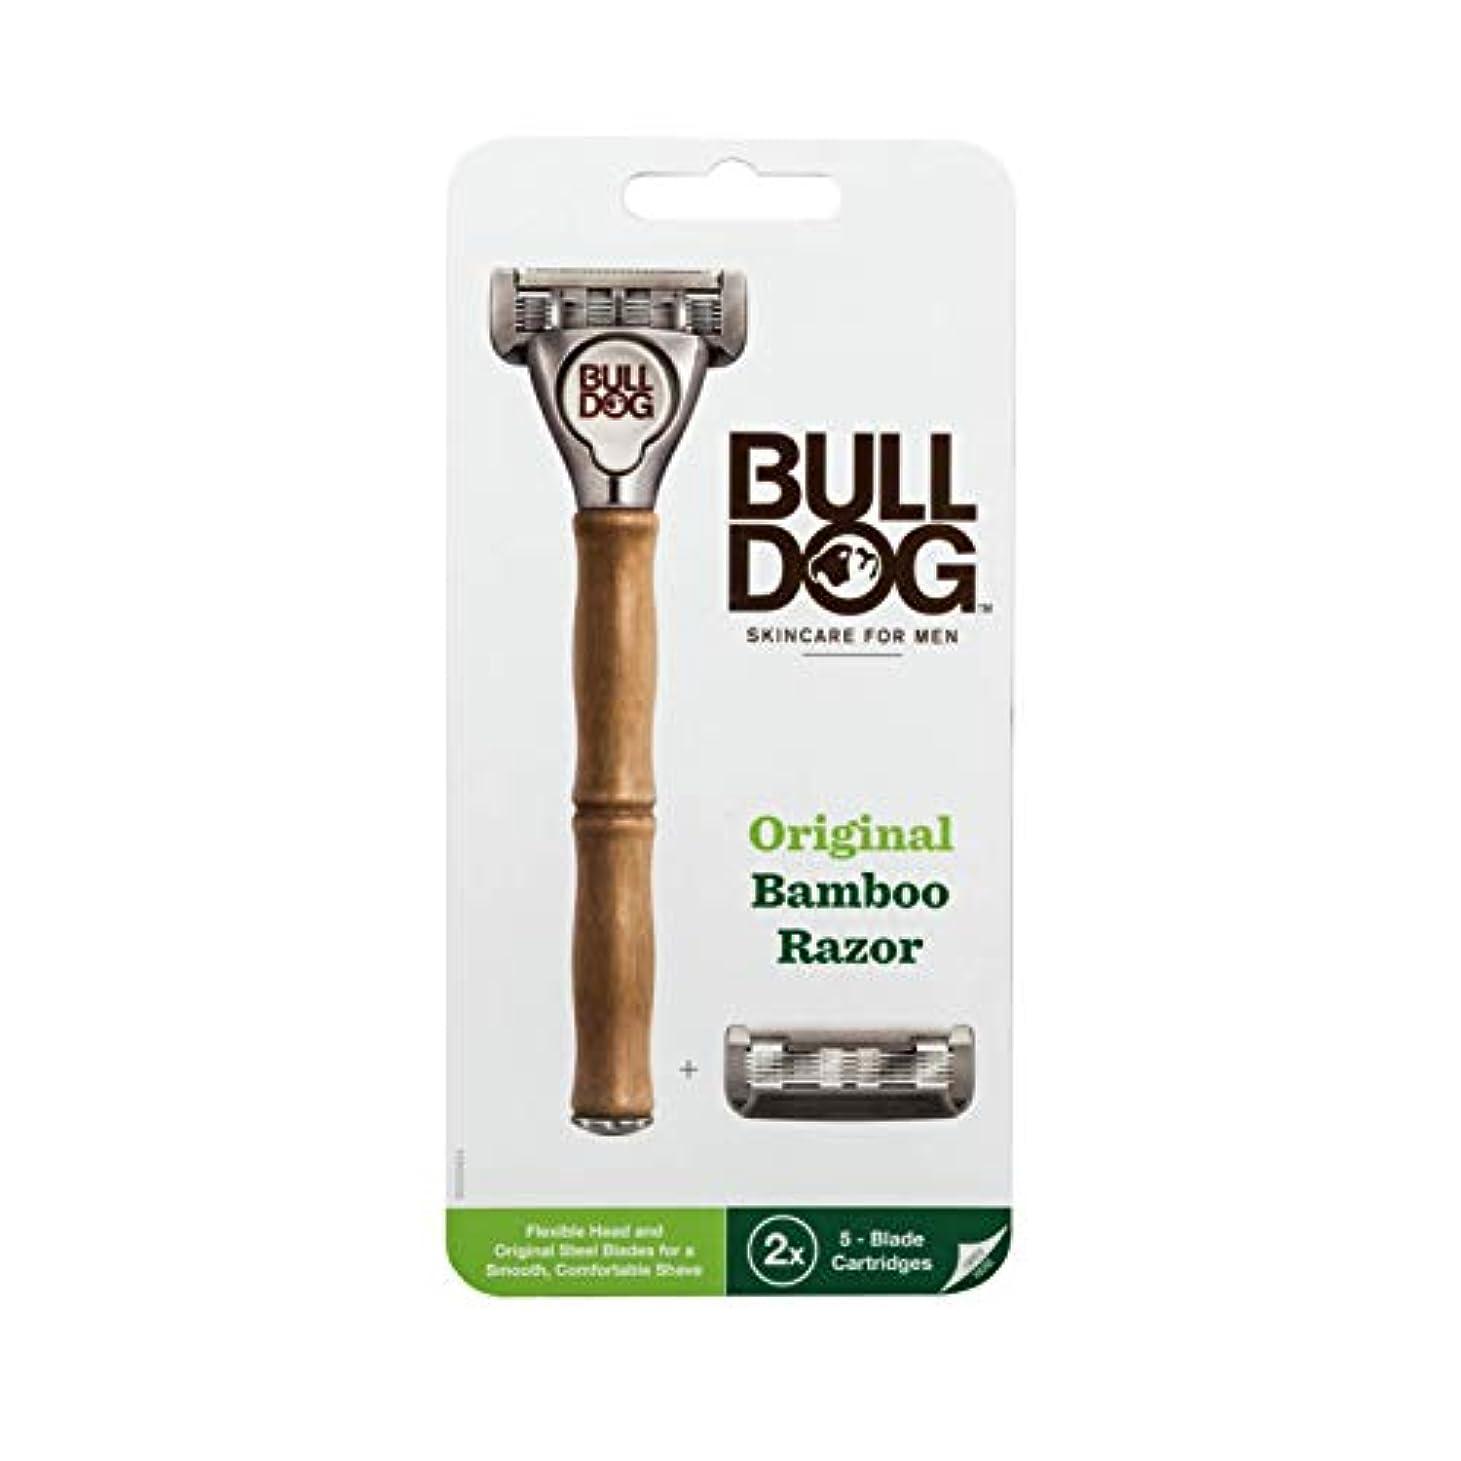 棚ハム理論Bulldog(ブルドッグ) ブルドッグ Bulldog 5枚刃 オリジナルバンブーホルダー 水に強い竹製ハンドル 替刃 2コ付 男性カミソリ ホルダー(1本)、替刃2コ付き(内1コ本体装着済み)